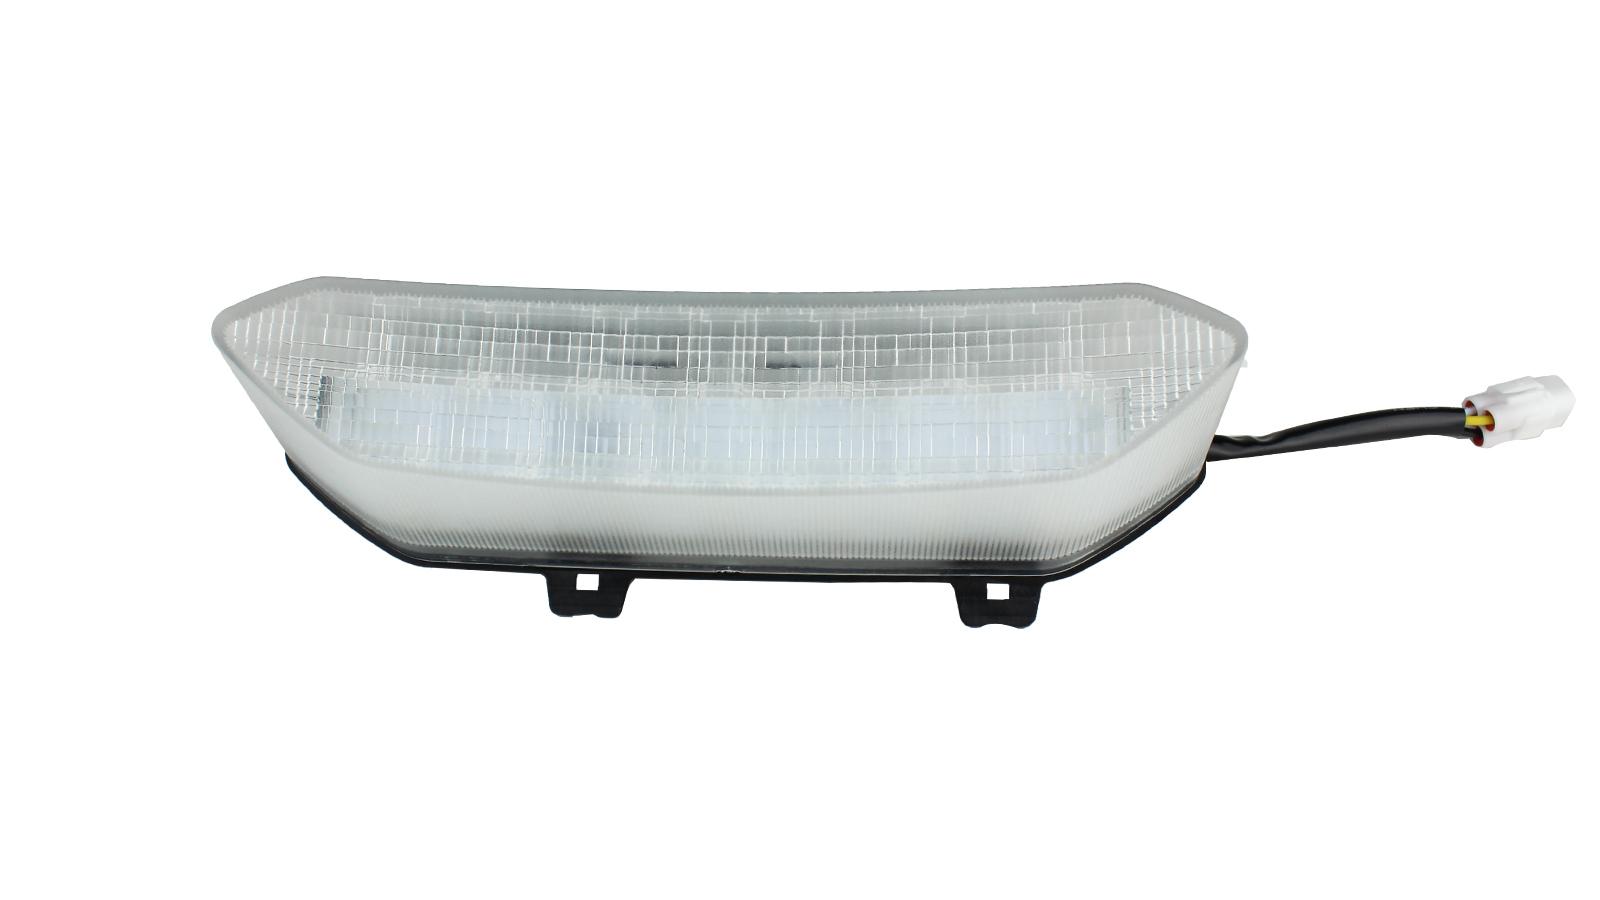 LED الذيل ضوء الفرامل الخليط لصحيفة ياماها رابتور 700 2006-2018 YFZ450R 2009-2018